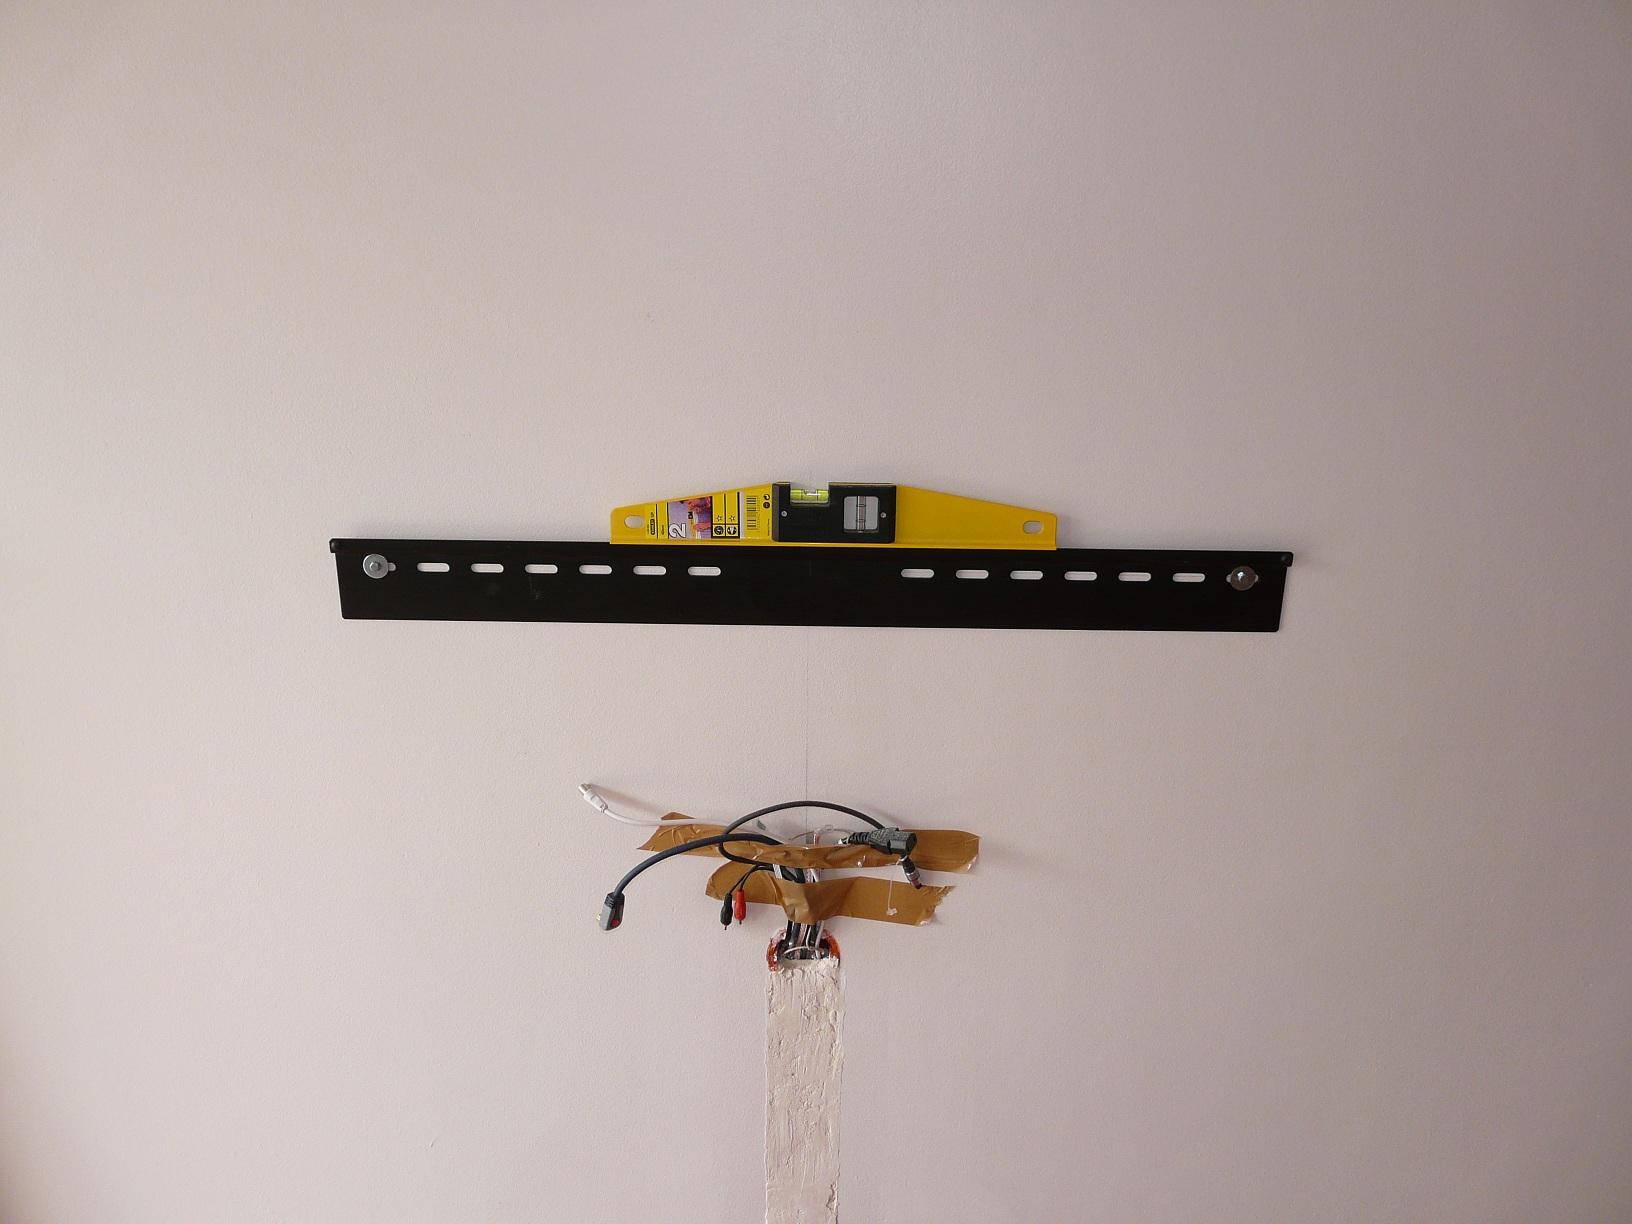 Une Installation Murale De Tv Le Guide Pratique Pas Pas # Commentfixer Tele Aumur